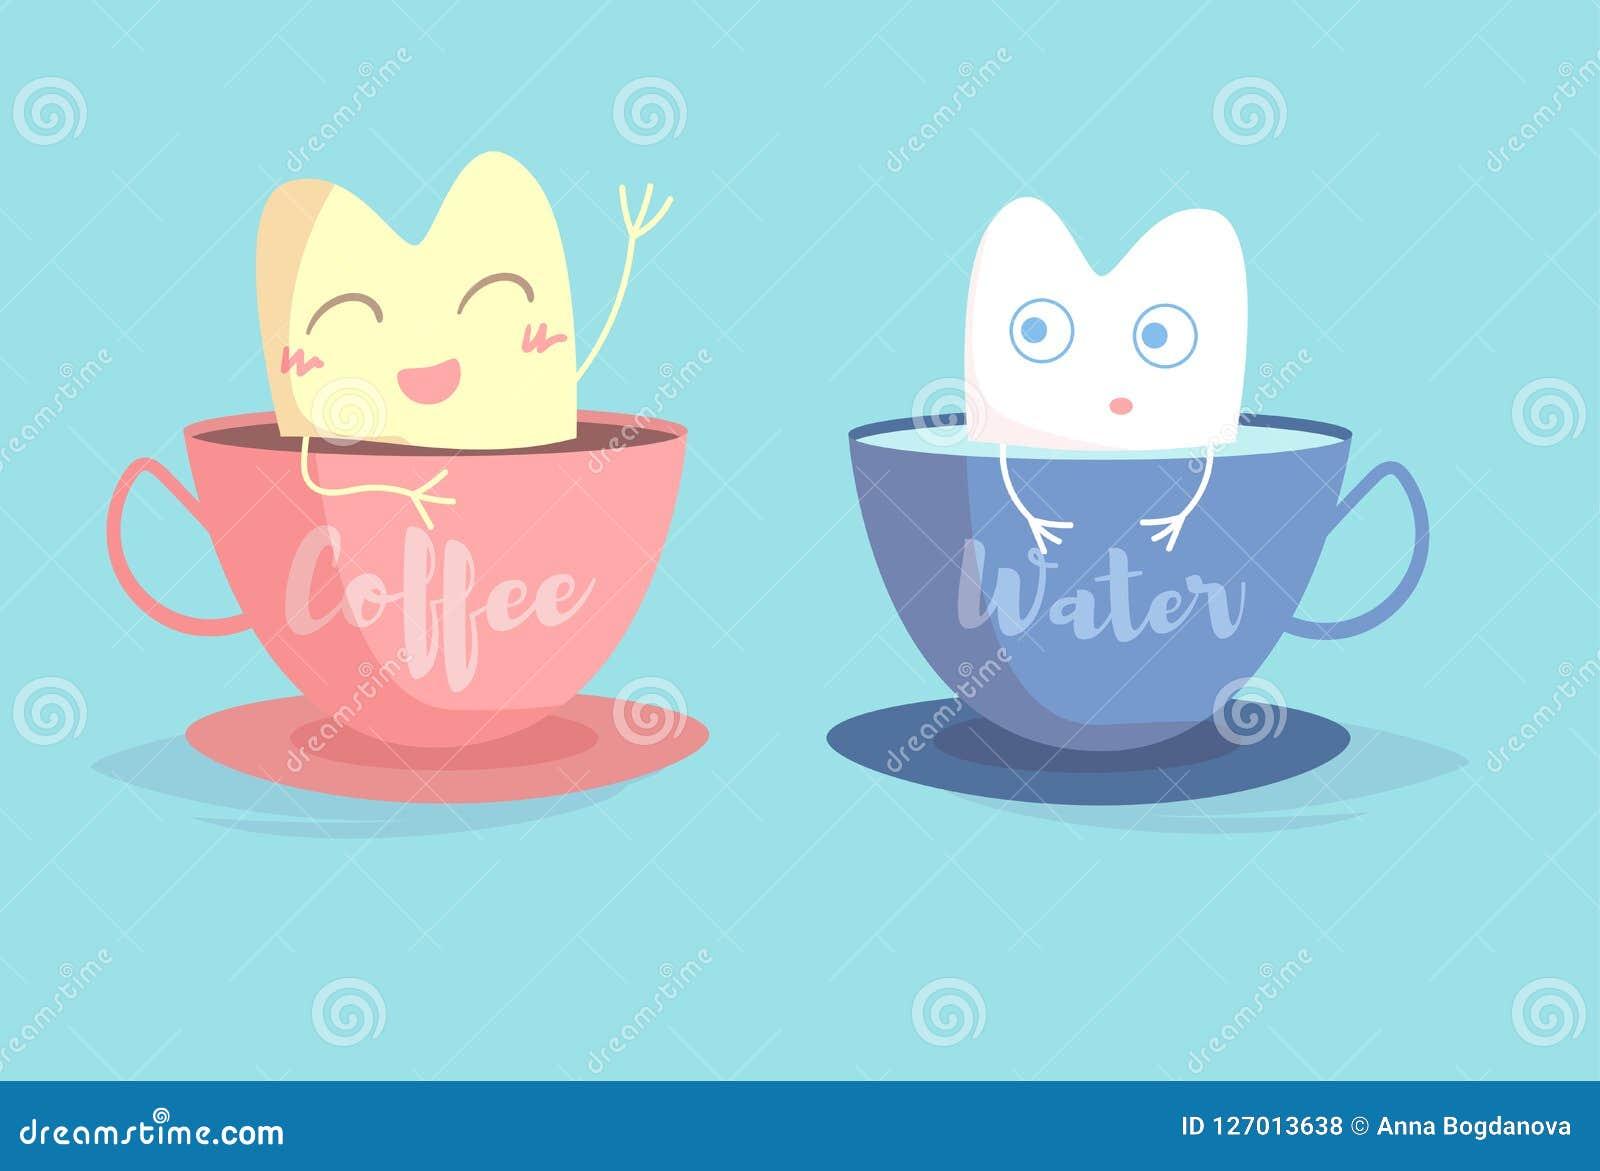 Gul tand i kopp kaffe, vit tand i kopp av vattenvektorn cartoon